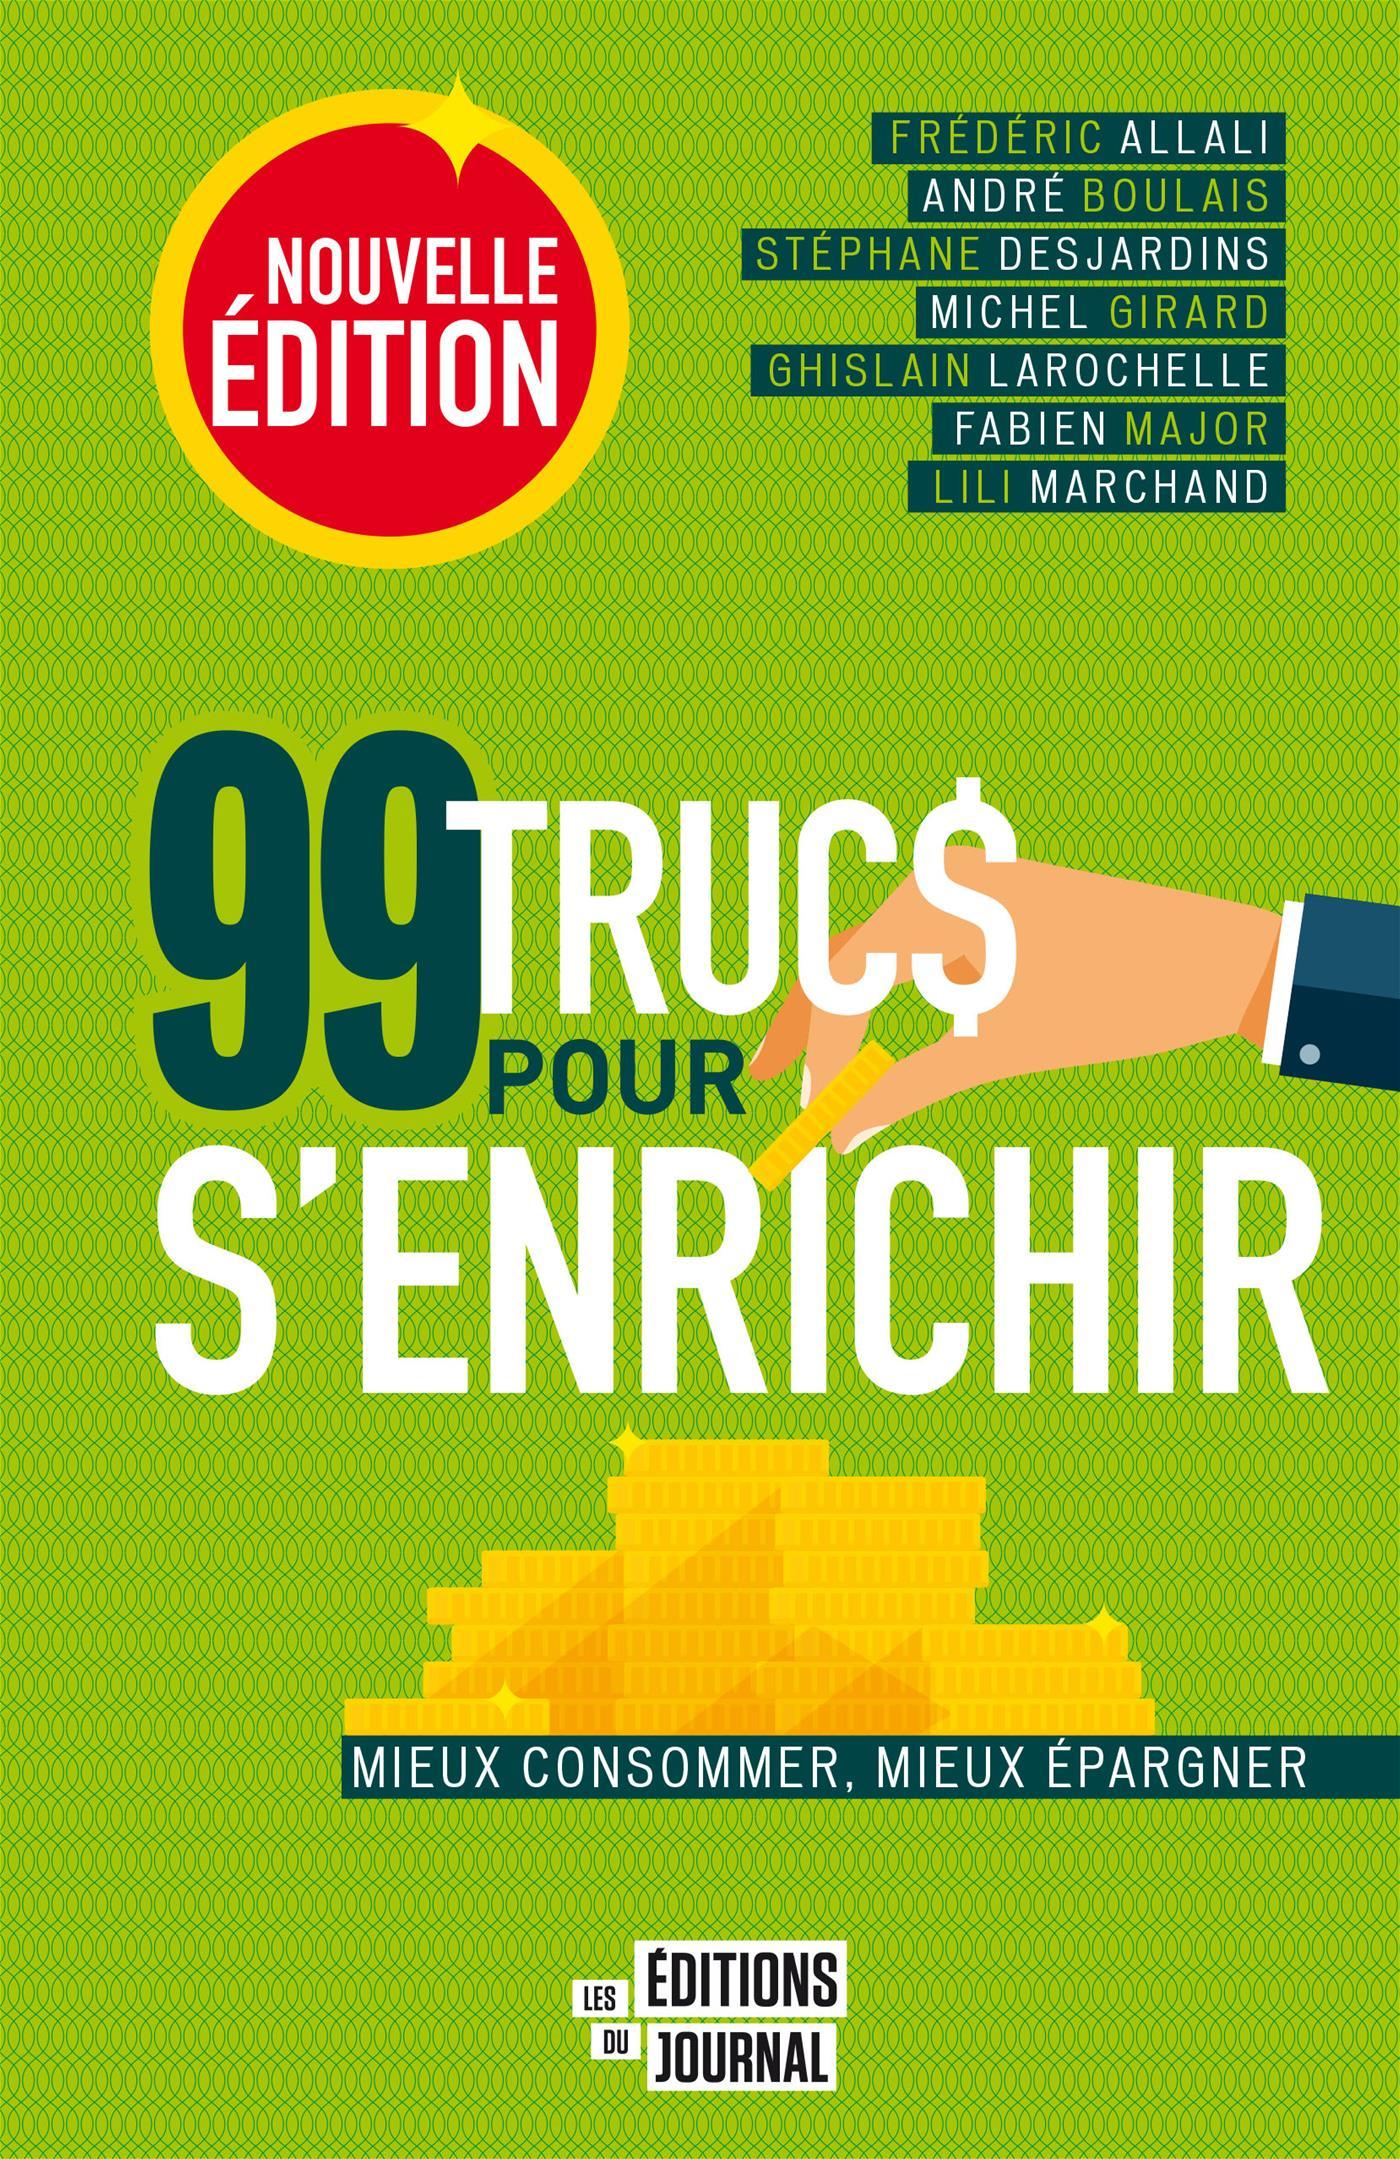 99 trucs pour s'enrichir - Collectif